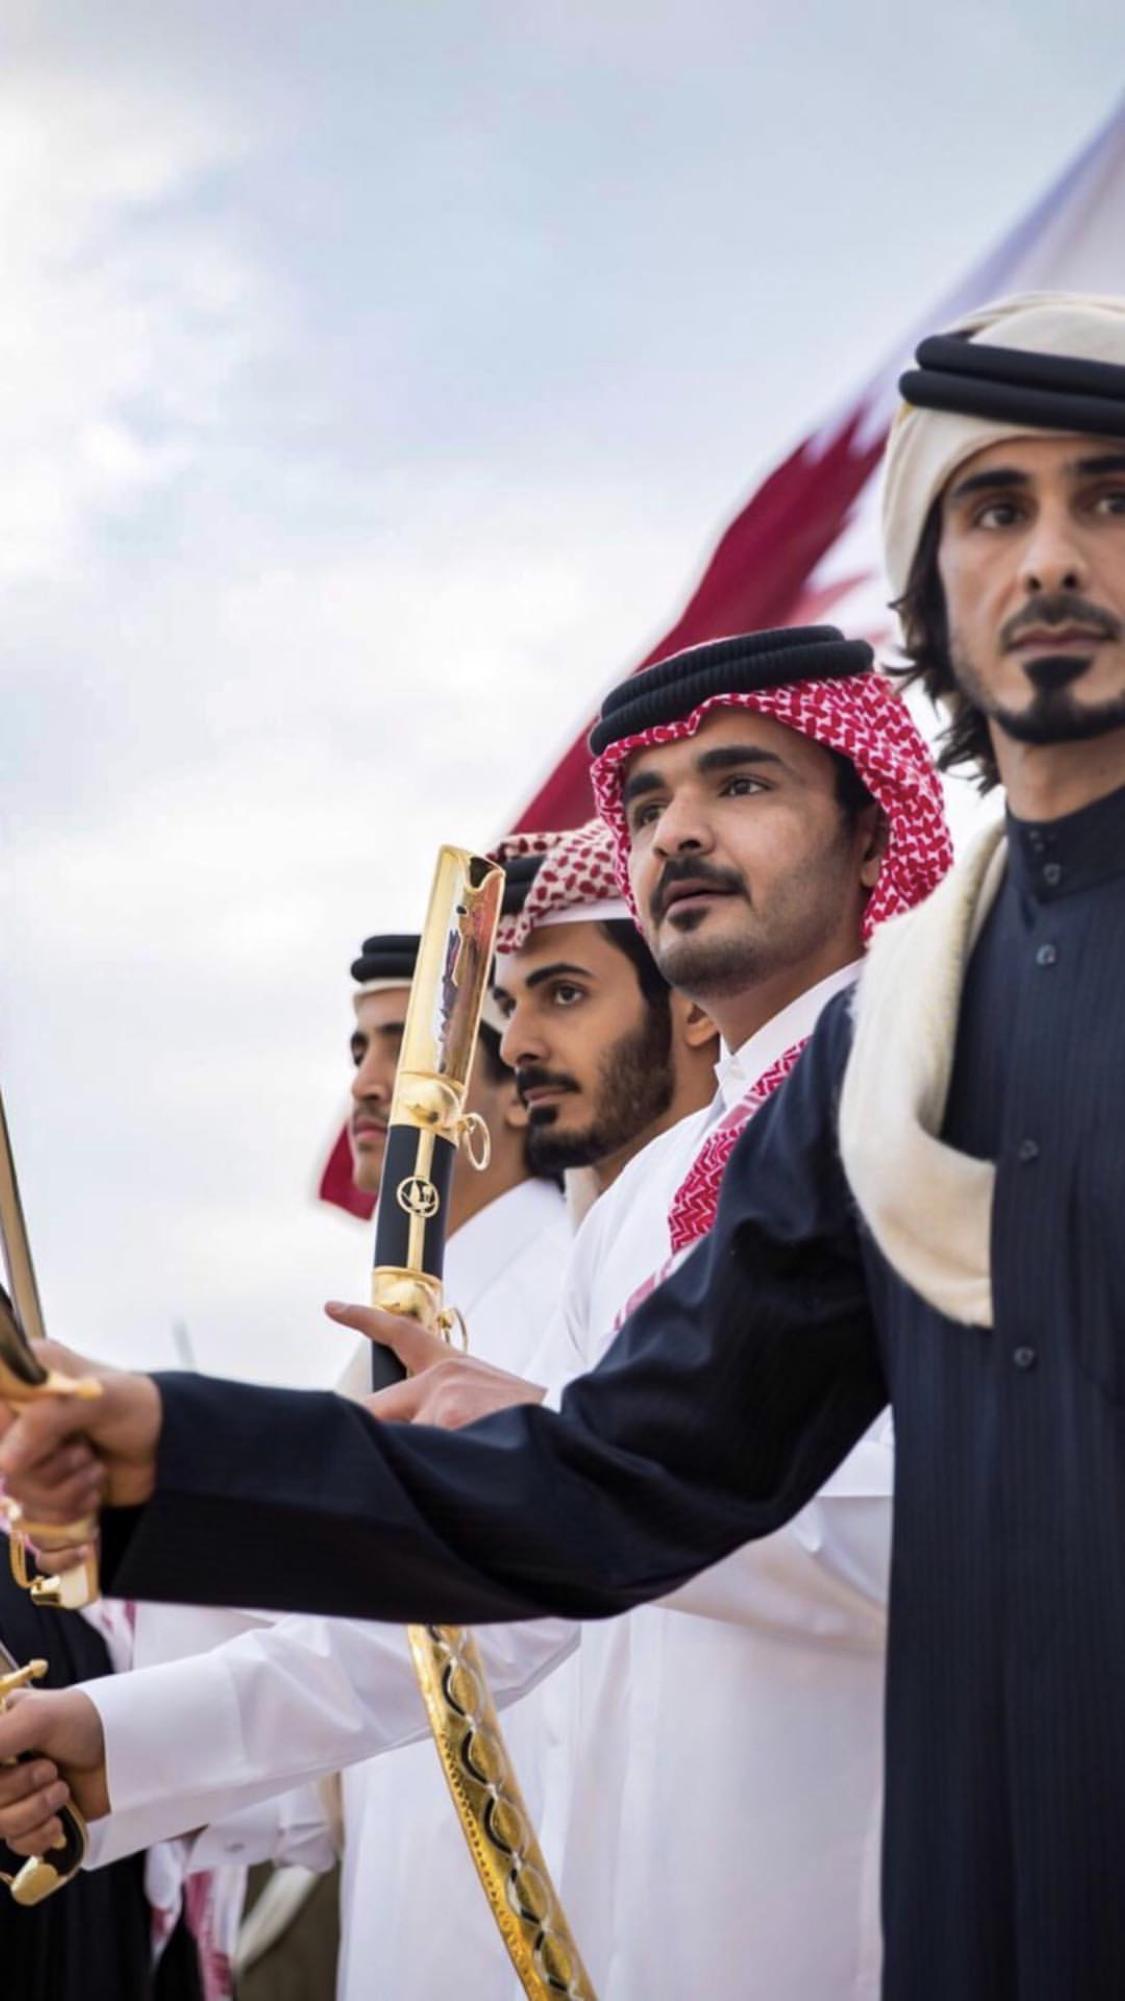 الشيخ جاسم بن حمد و الشيخ جوعان بن حمد و الشيخ خليفه بن حمد و